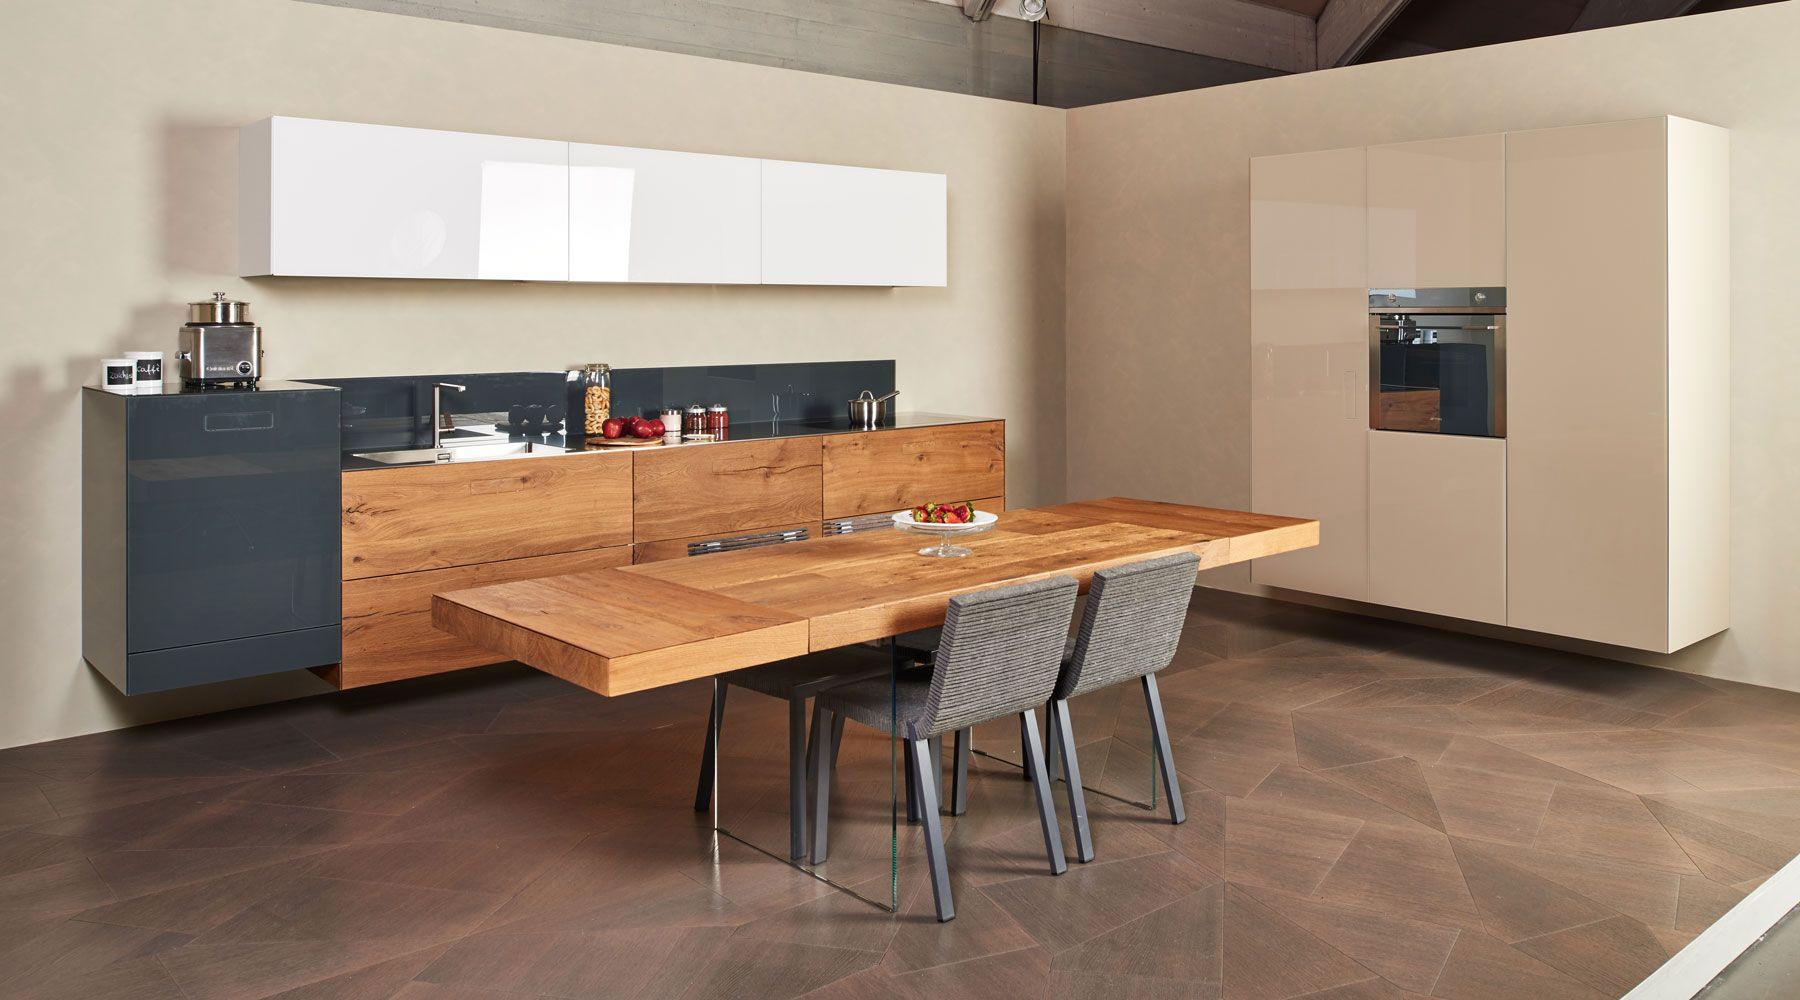 Cucina 36e8 Wildwood Progetti Di Cucine Arredo Interni Cucina